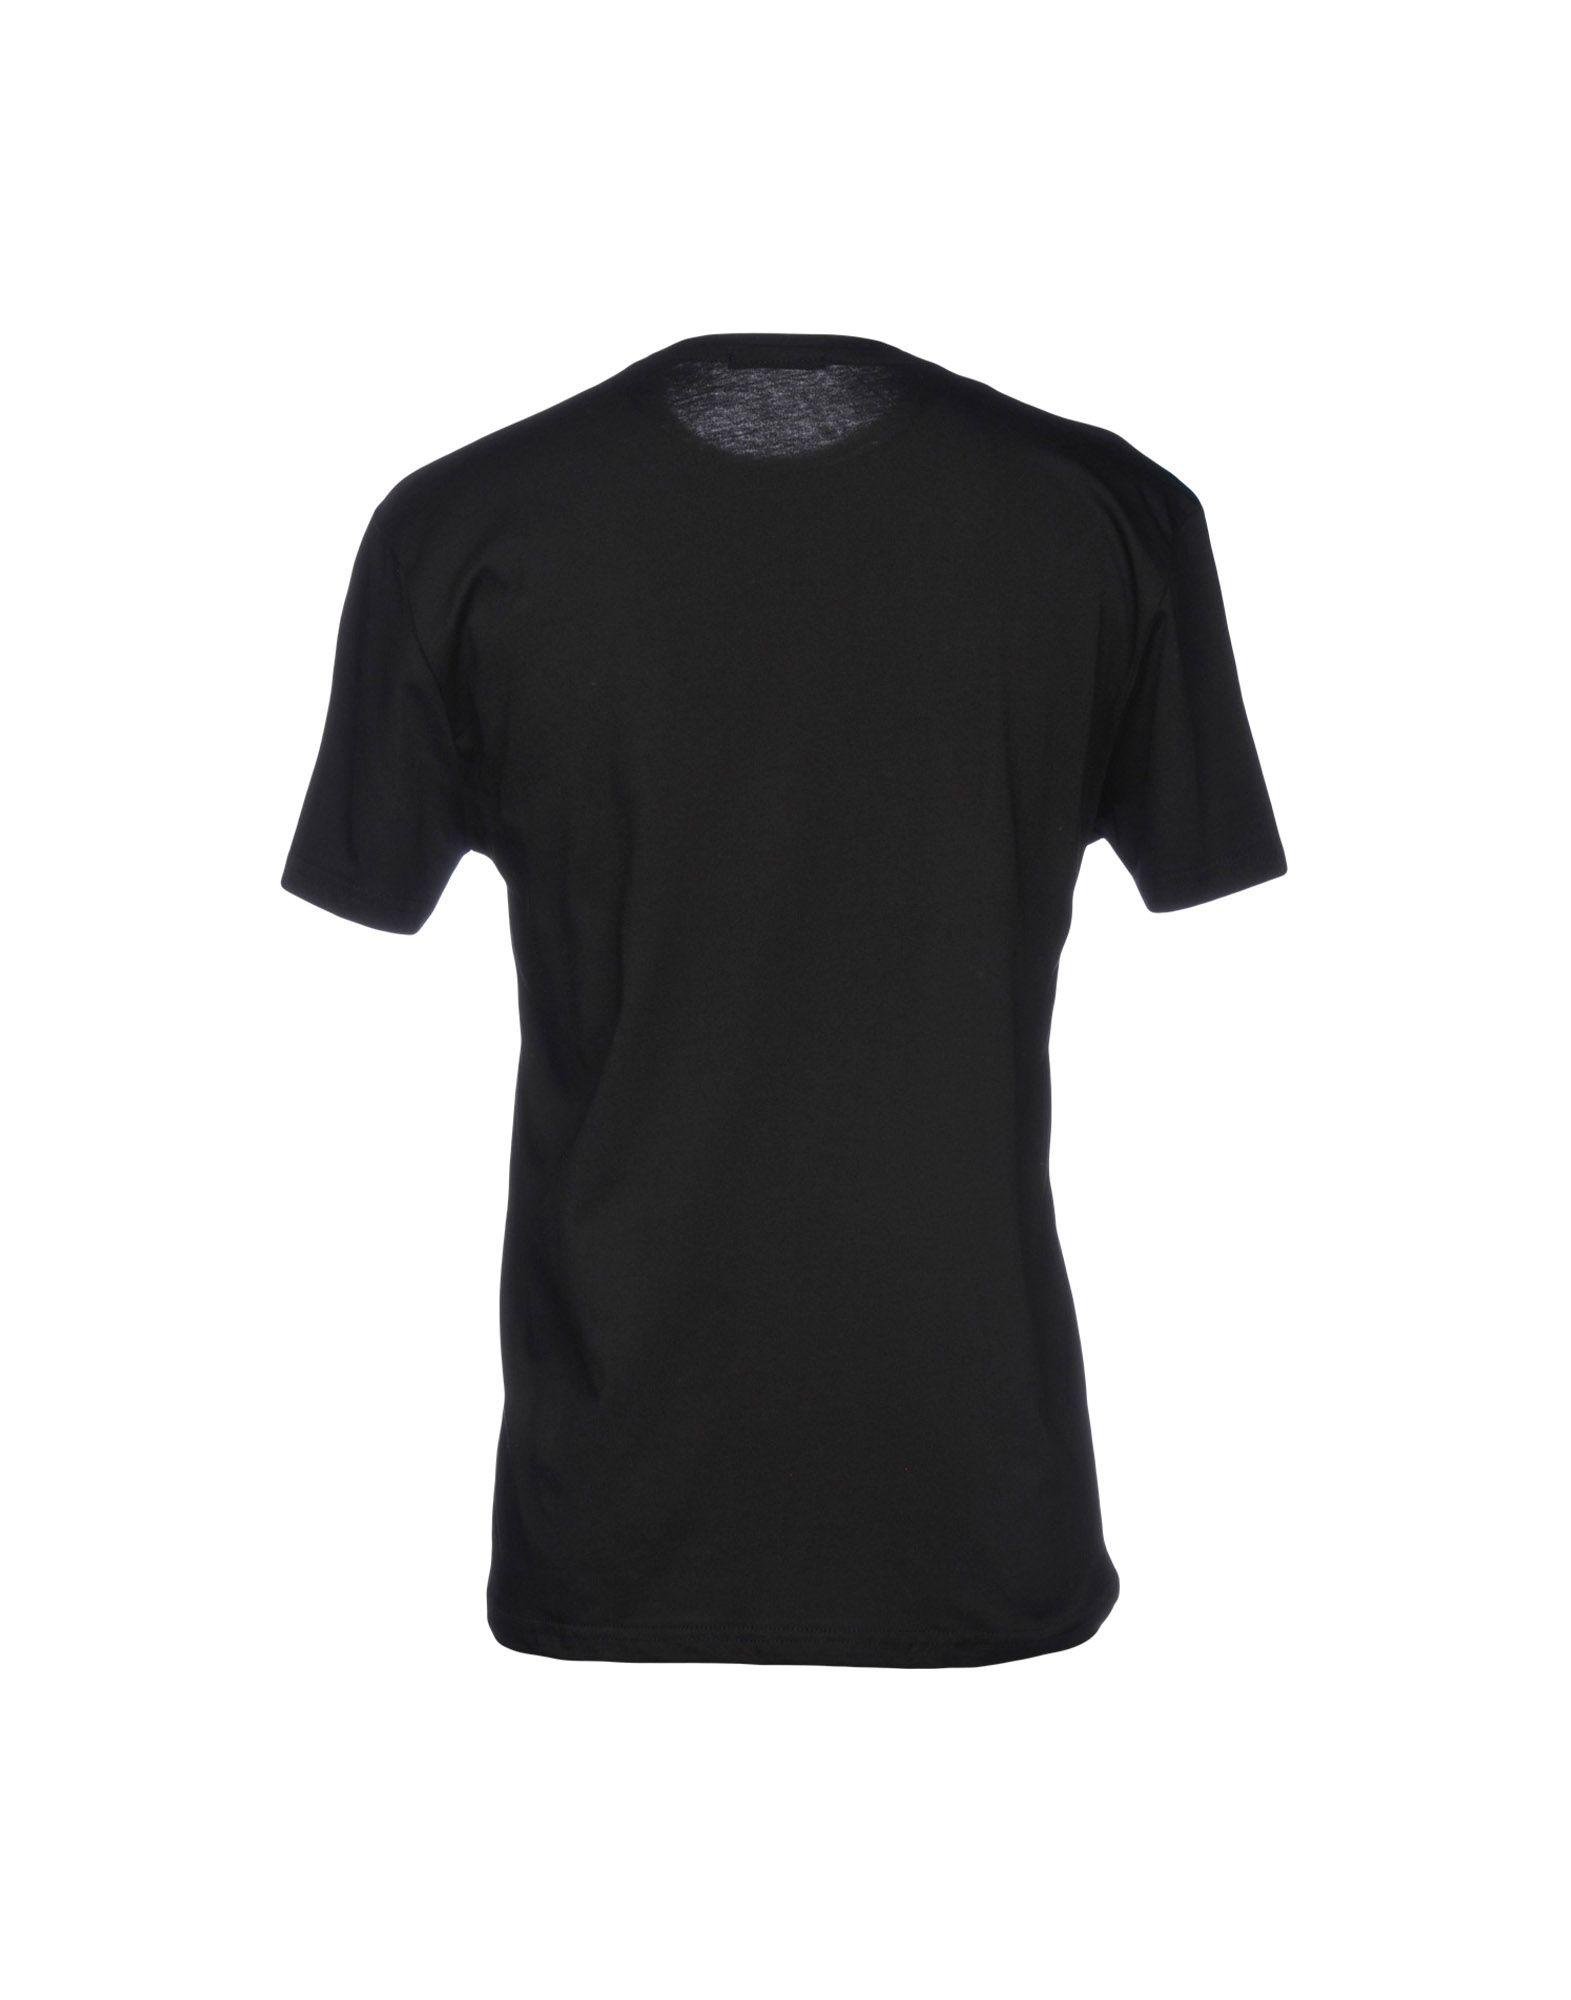 T-Shirt Alessandro Dell'acqua Uomo - 12177605ID 12177605ID - 485d53